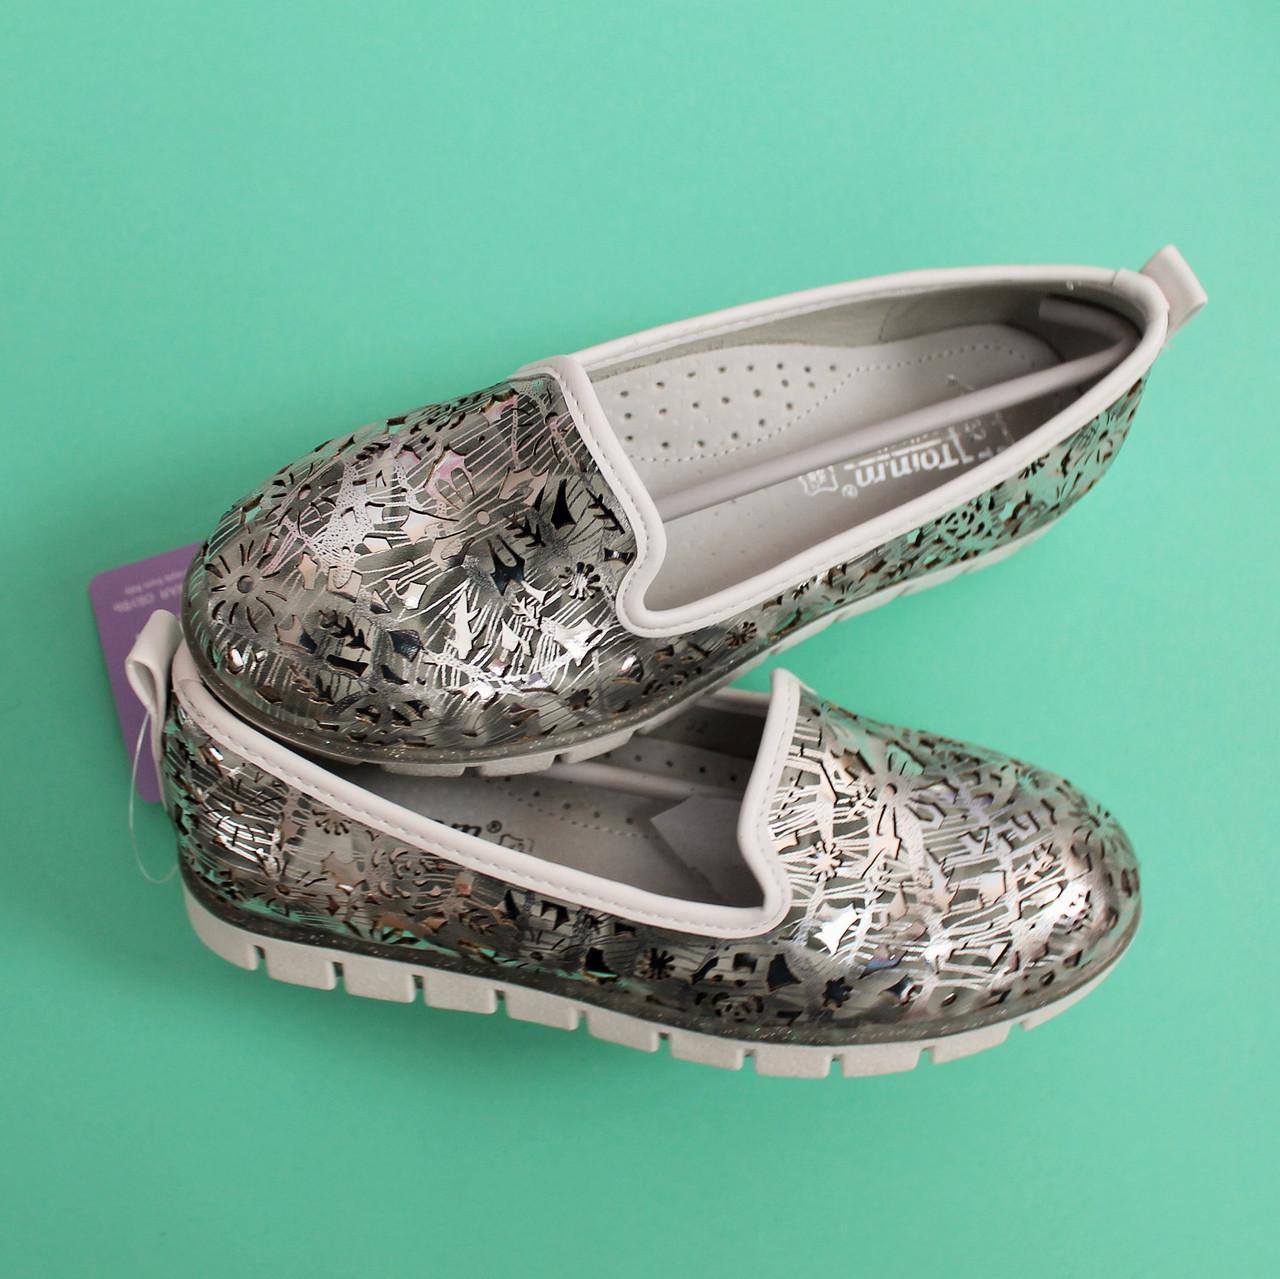 9a1fbb28 Детские туфли балетки для девочки цветочный принт Tom.m размер 32,33 ...